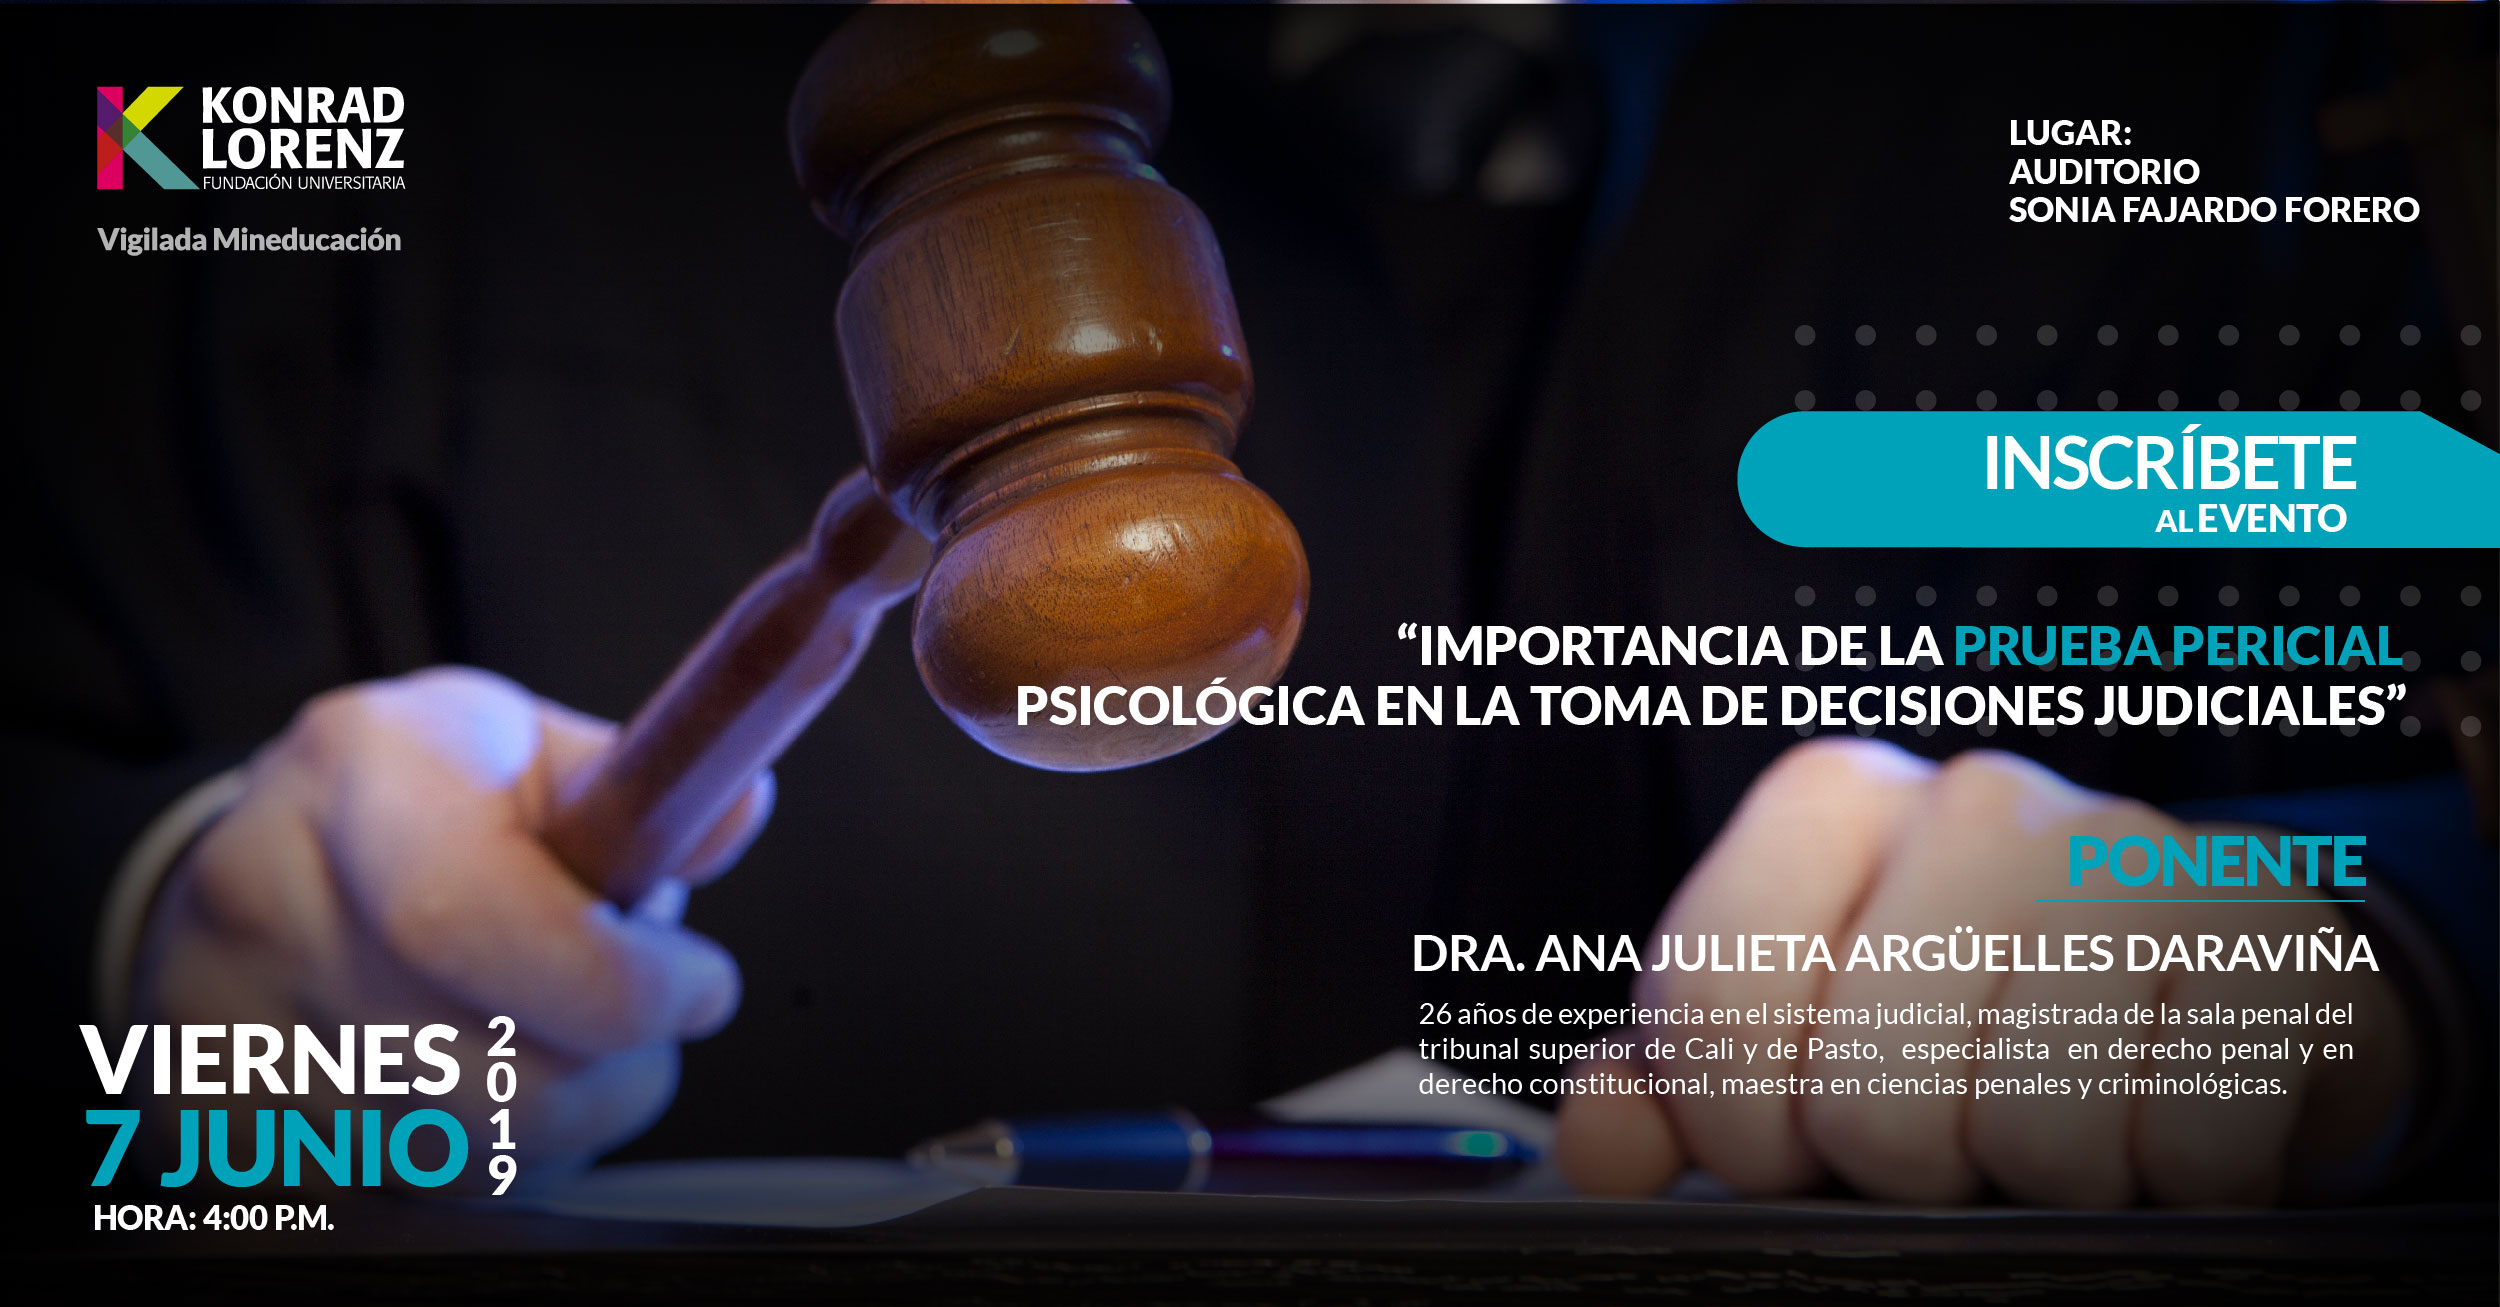 Importancia de la prueba pericial psicológica en la toma de decisiones judiciales